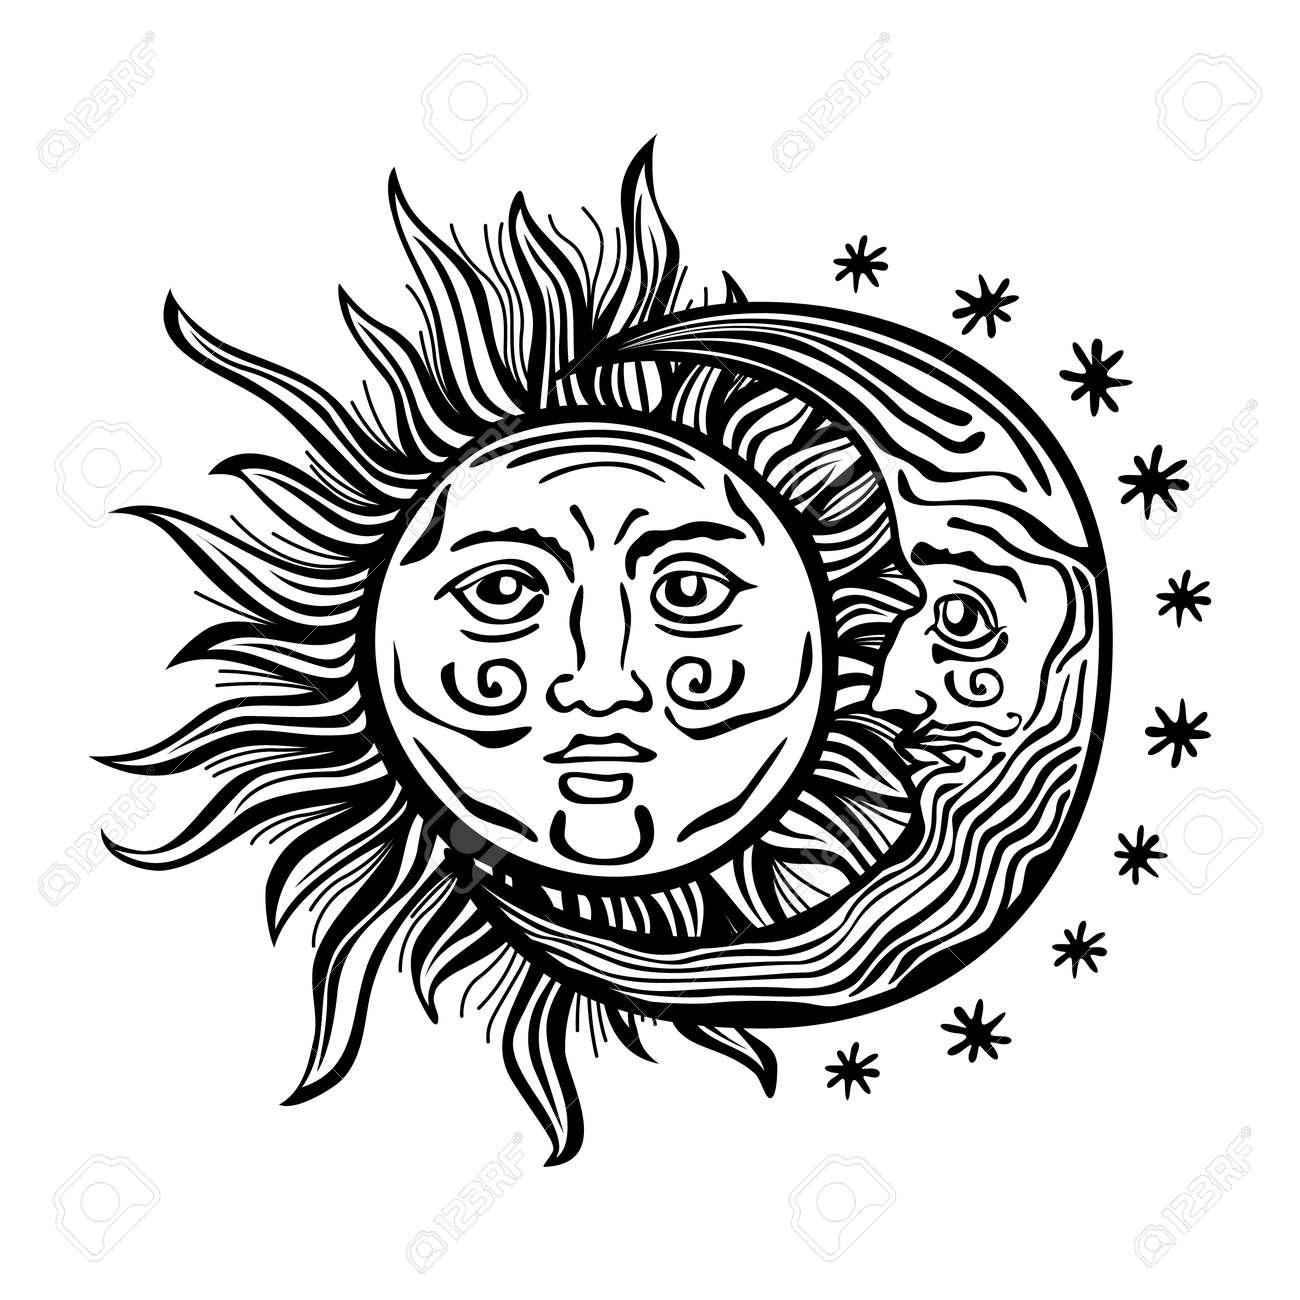 Una Ilustración De Dibujos Animados Al Estilo De Grabado De Un Sol